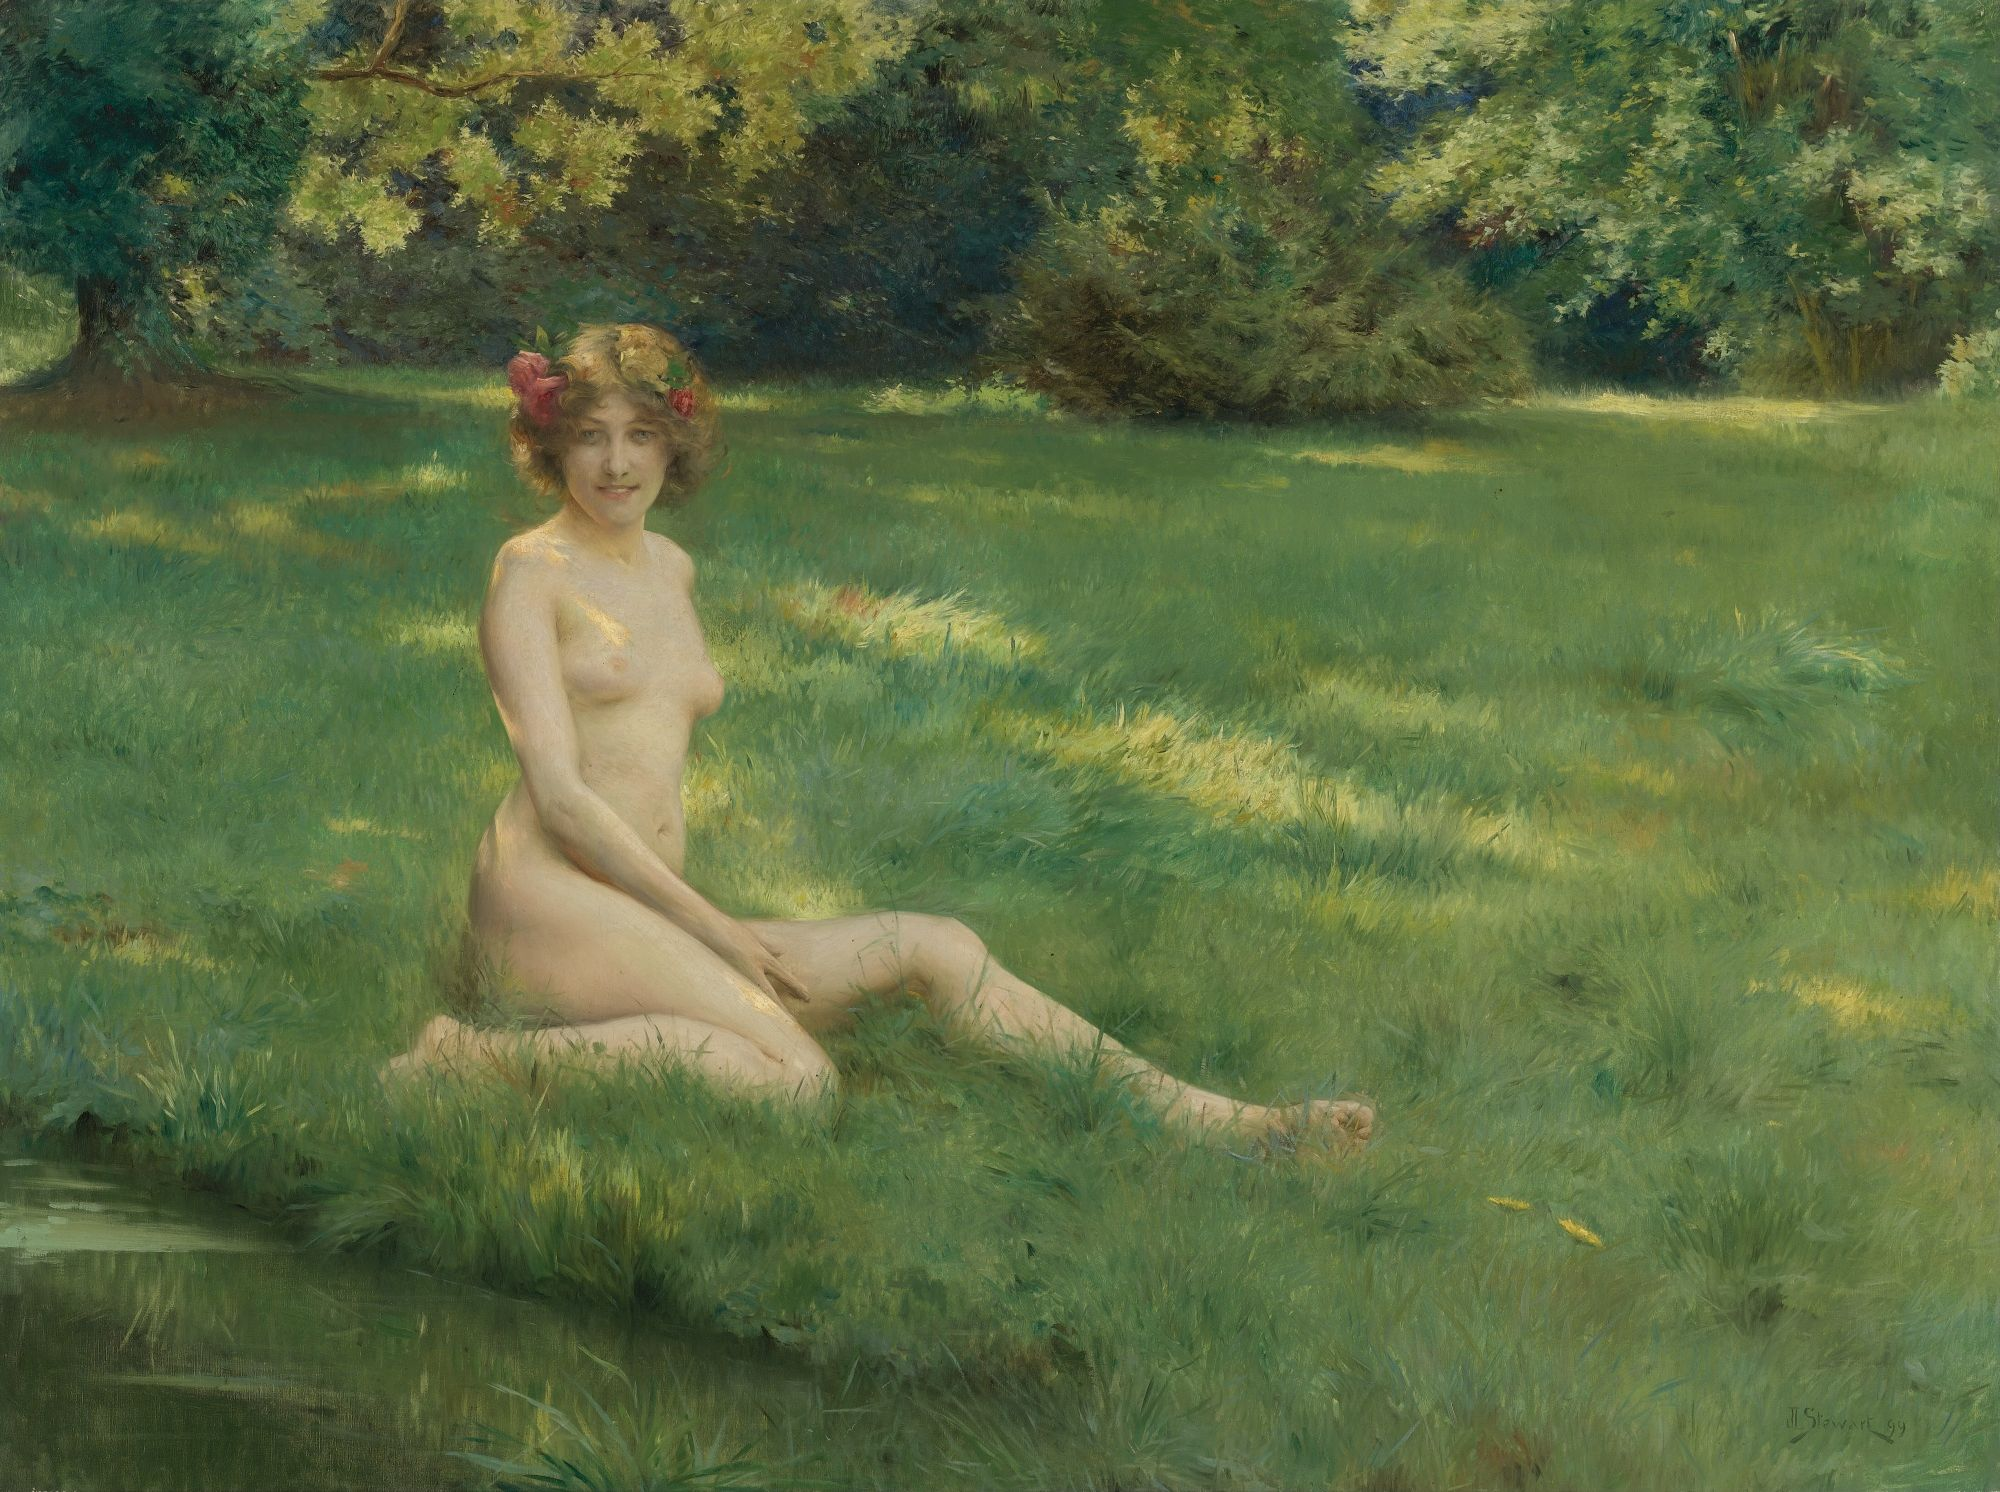 Julius LeBlanc Stewart, 1855- 1919. Обнаженная на лужайке. 1899. 105.7 х 141.1 см. Частная коллекция